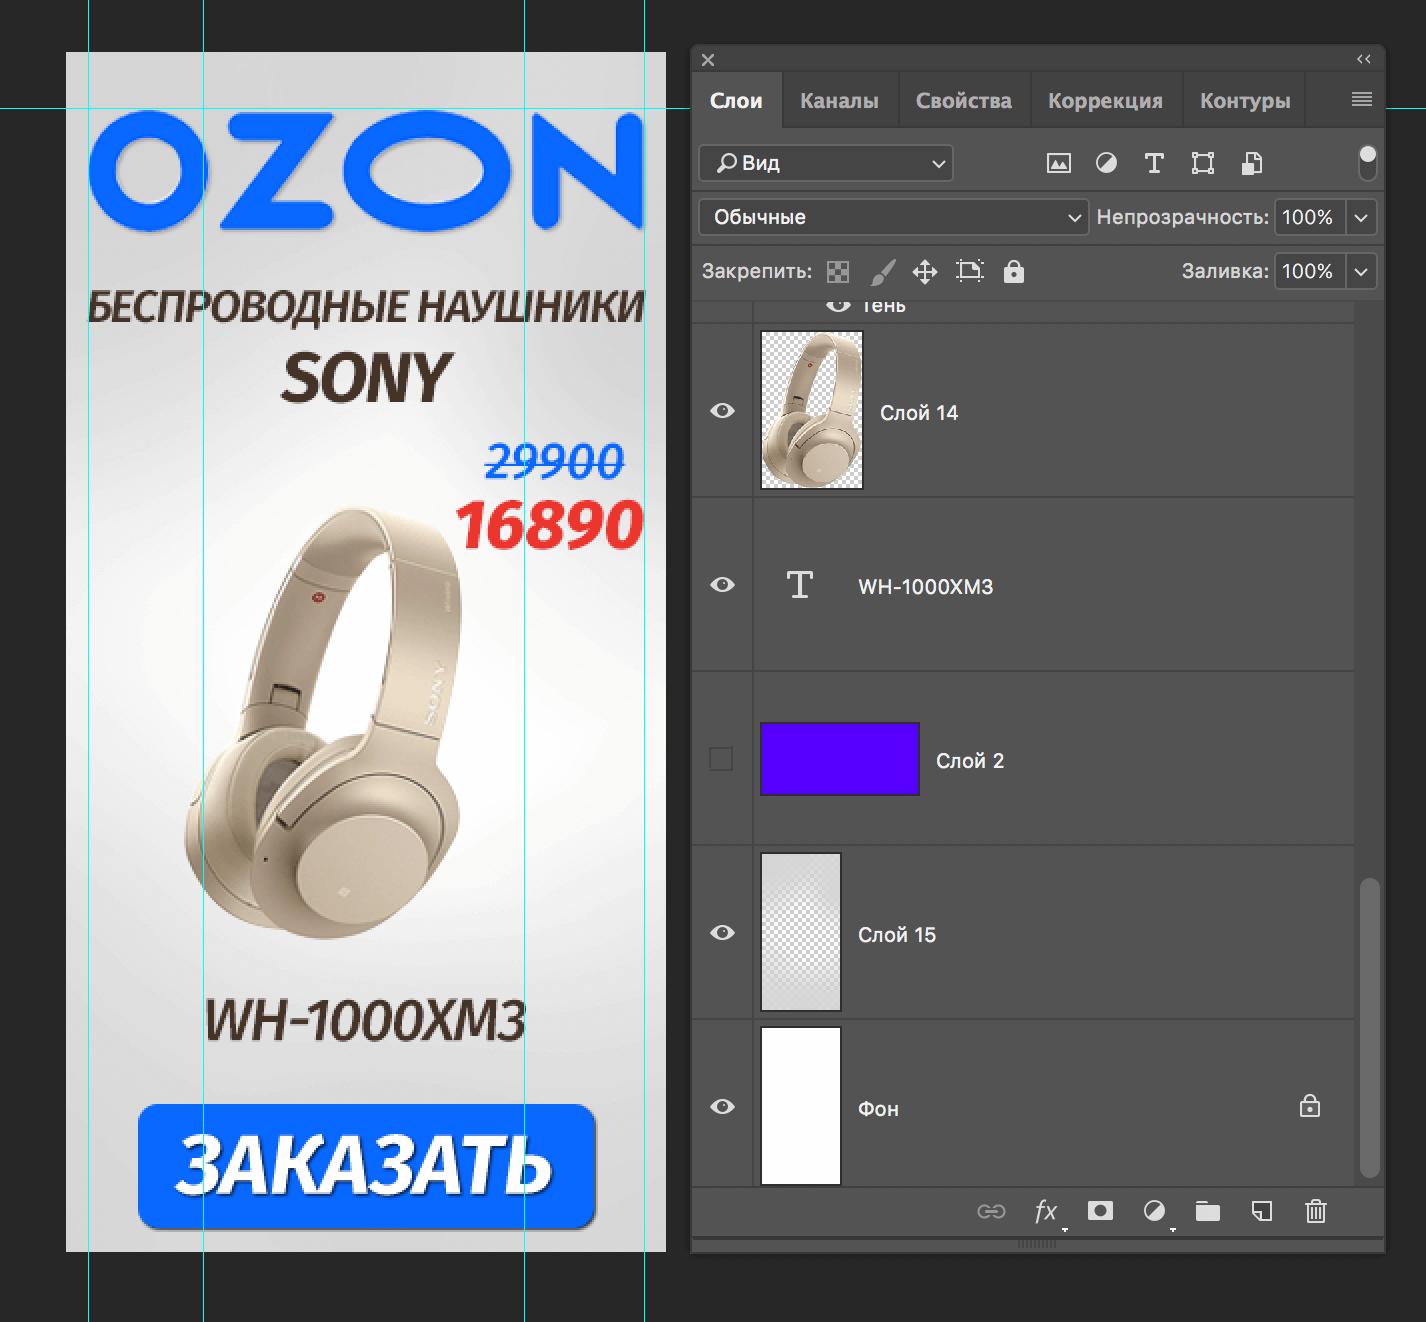 Как сделать рекламный баннер в Фотошопе для сайта